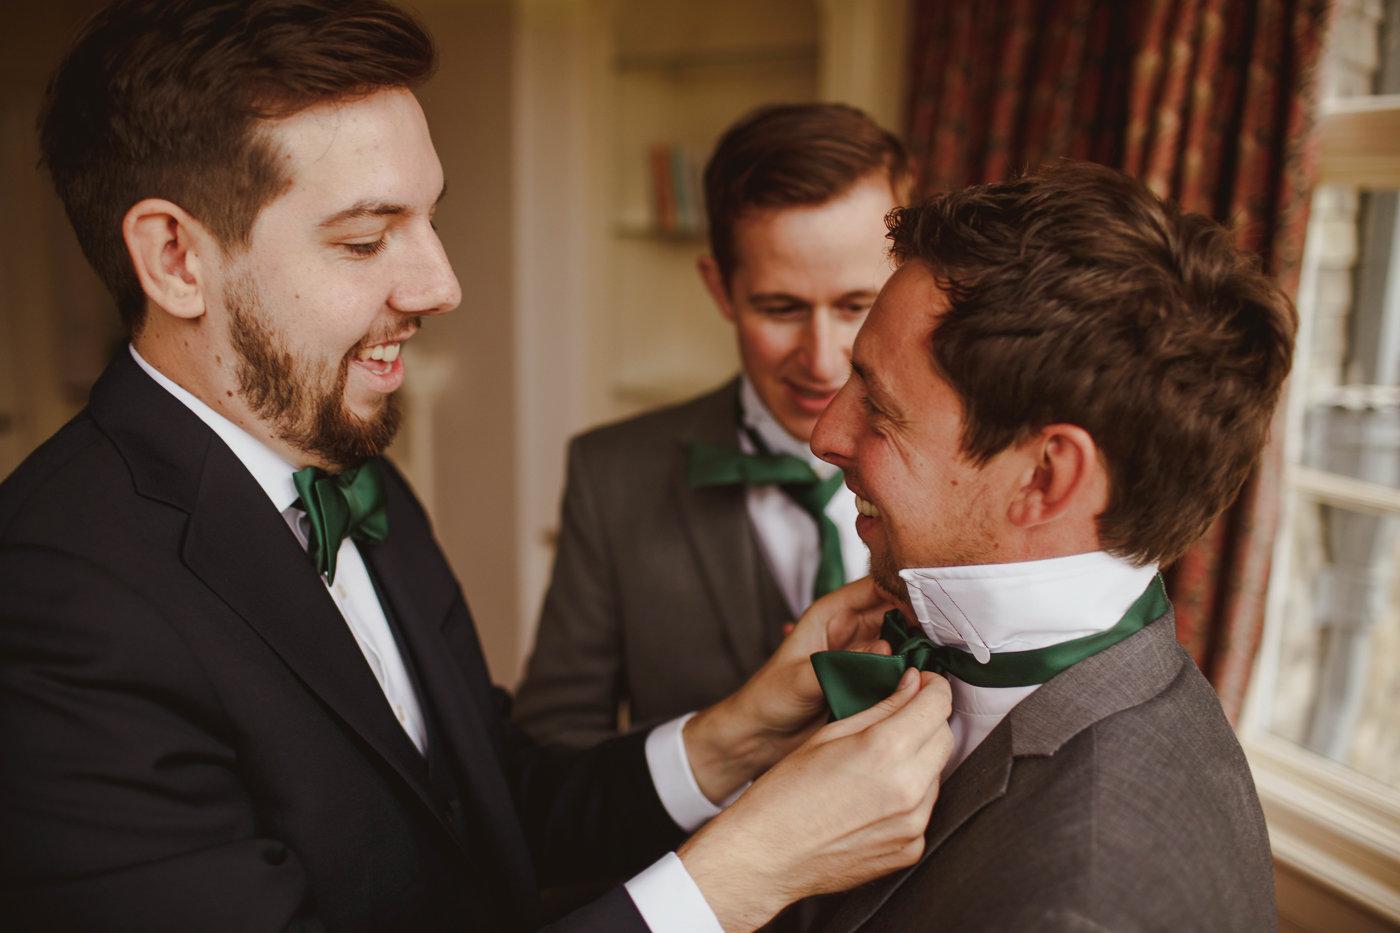 plas-dinam-country-house-wedding-13.jpg